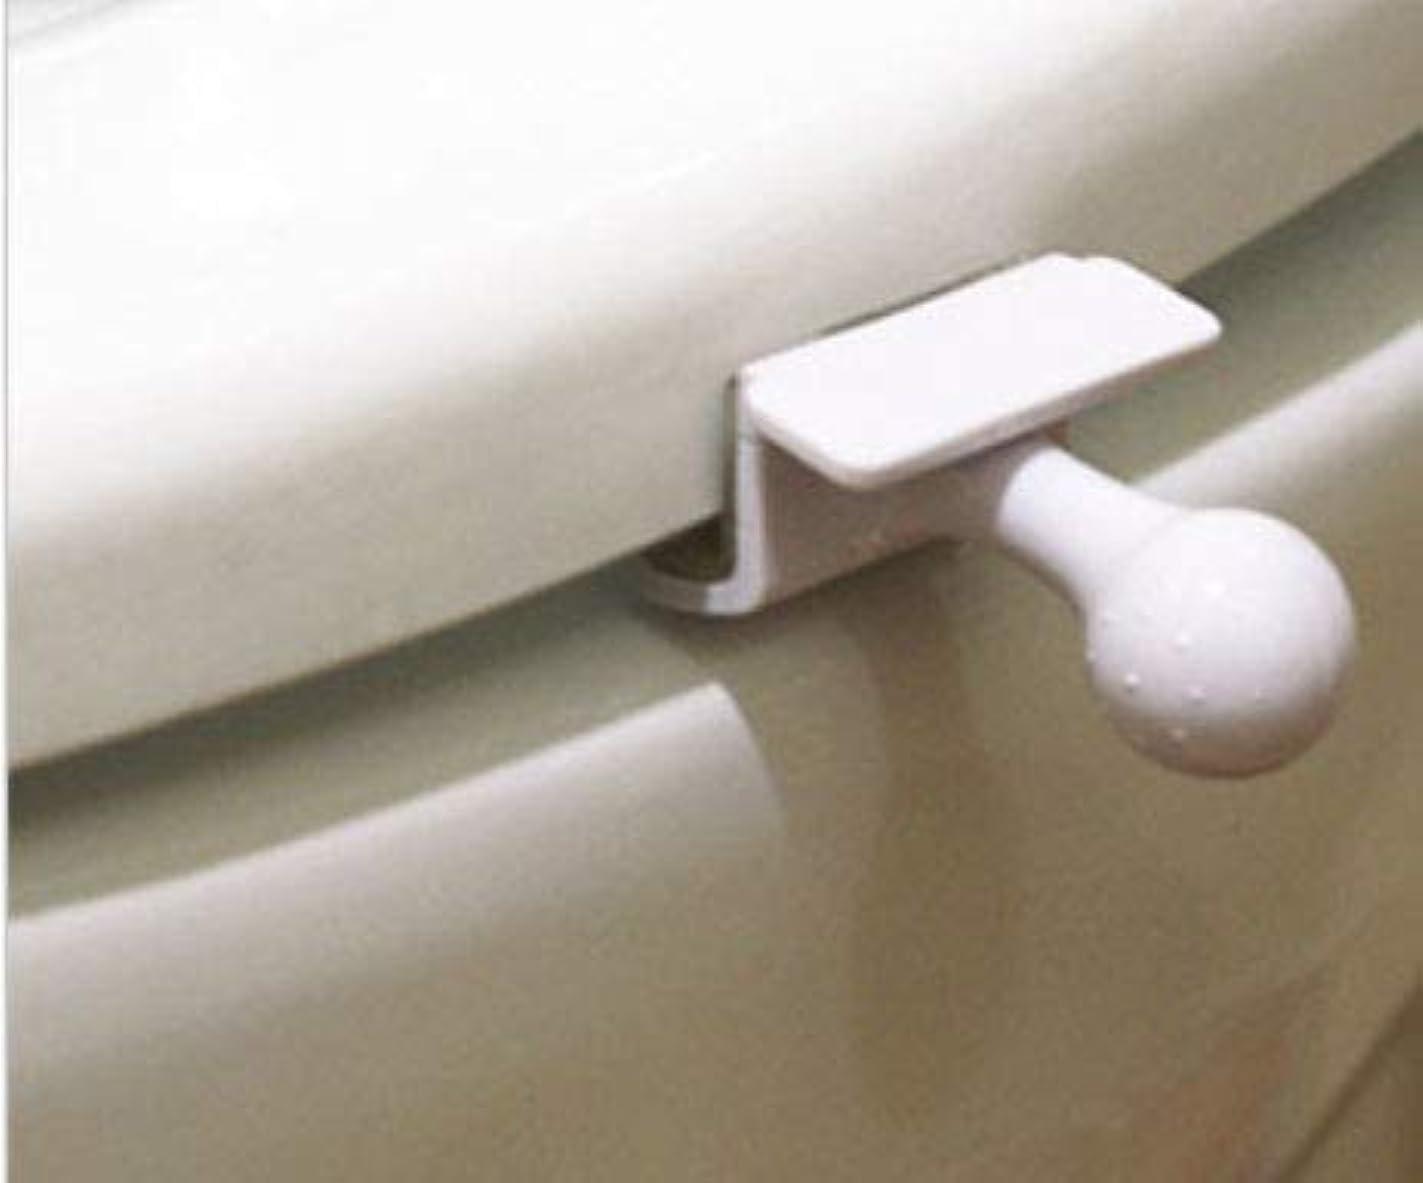 国籍管理者プライバシー切手を貼り郵便局発送、トイレ 便座 取っ手 除菌 トイレ便座とって 便座ハンドル 開閉、トイレを使用する時、蓋を持ち上げる時の不愉快さを なくす、トイレの蓋を取る器具